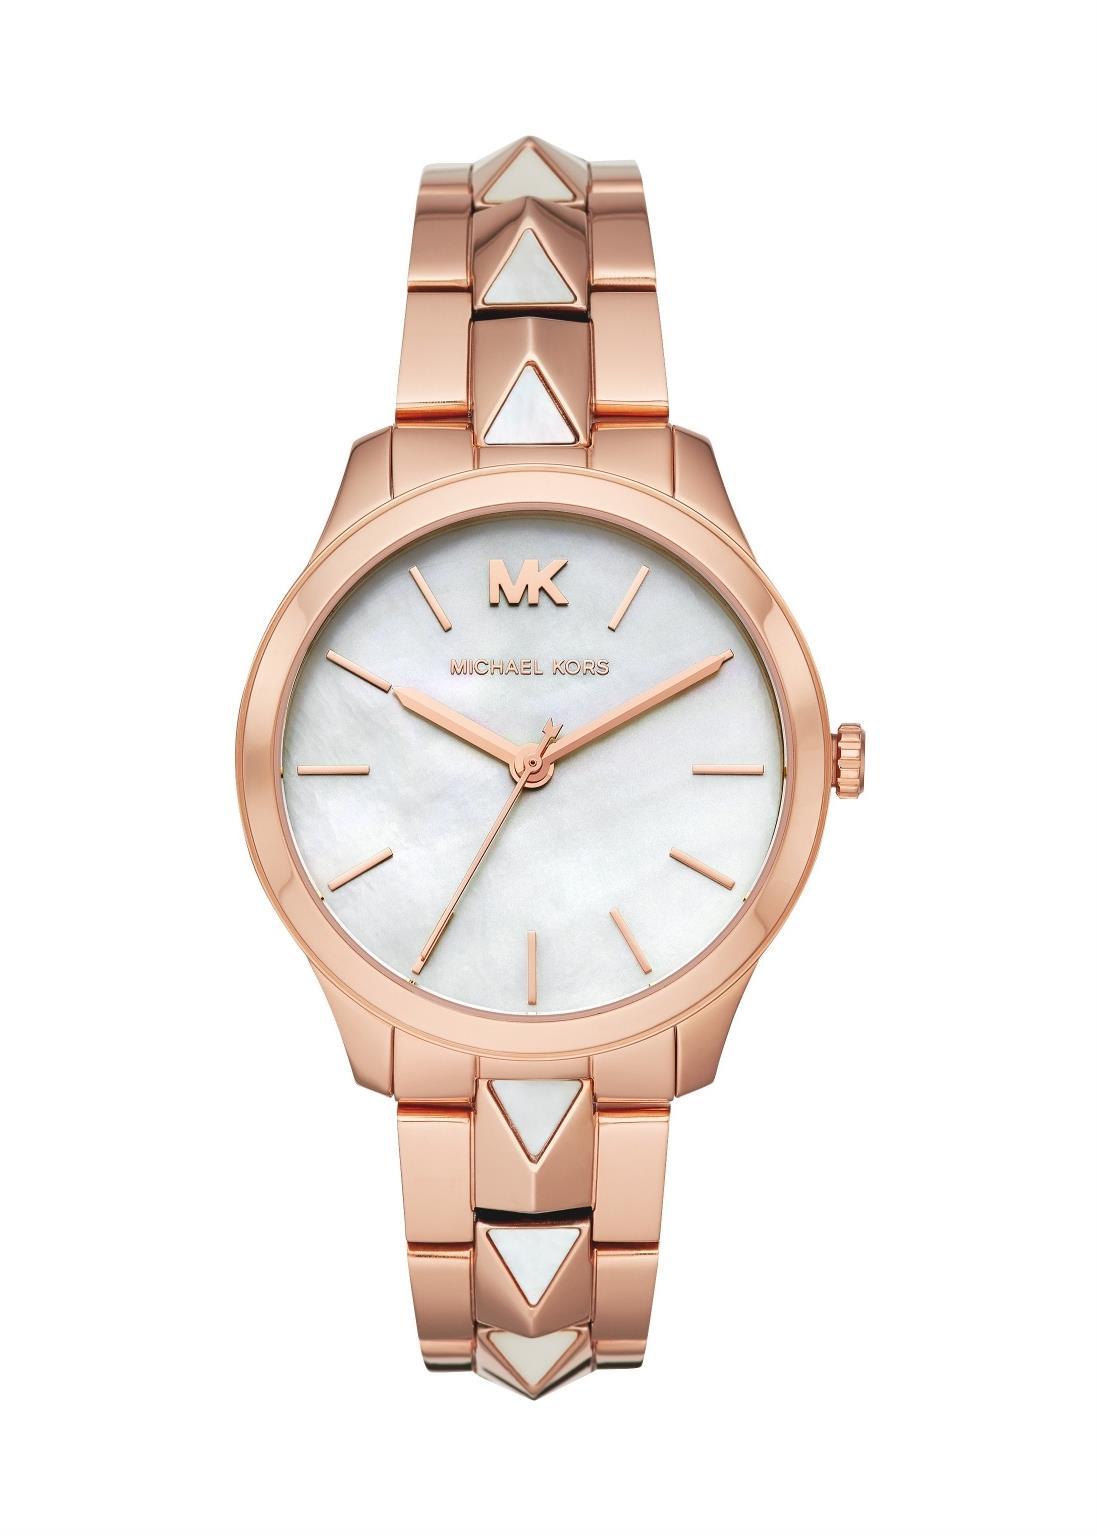 MICHAEL KORS Ladies Wrist Watch Model RUNWAY MK6671